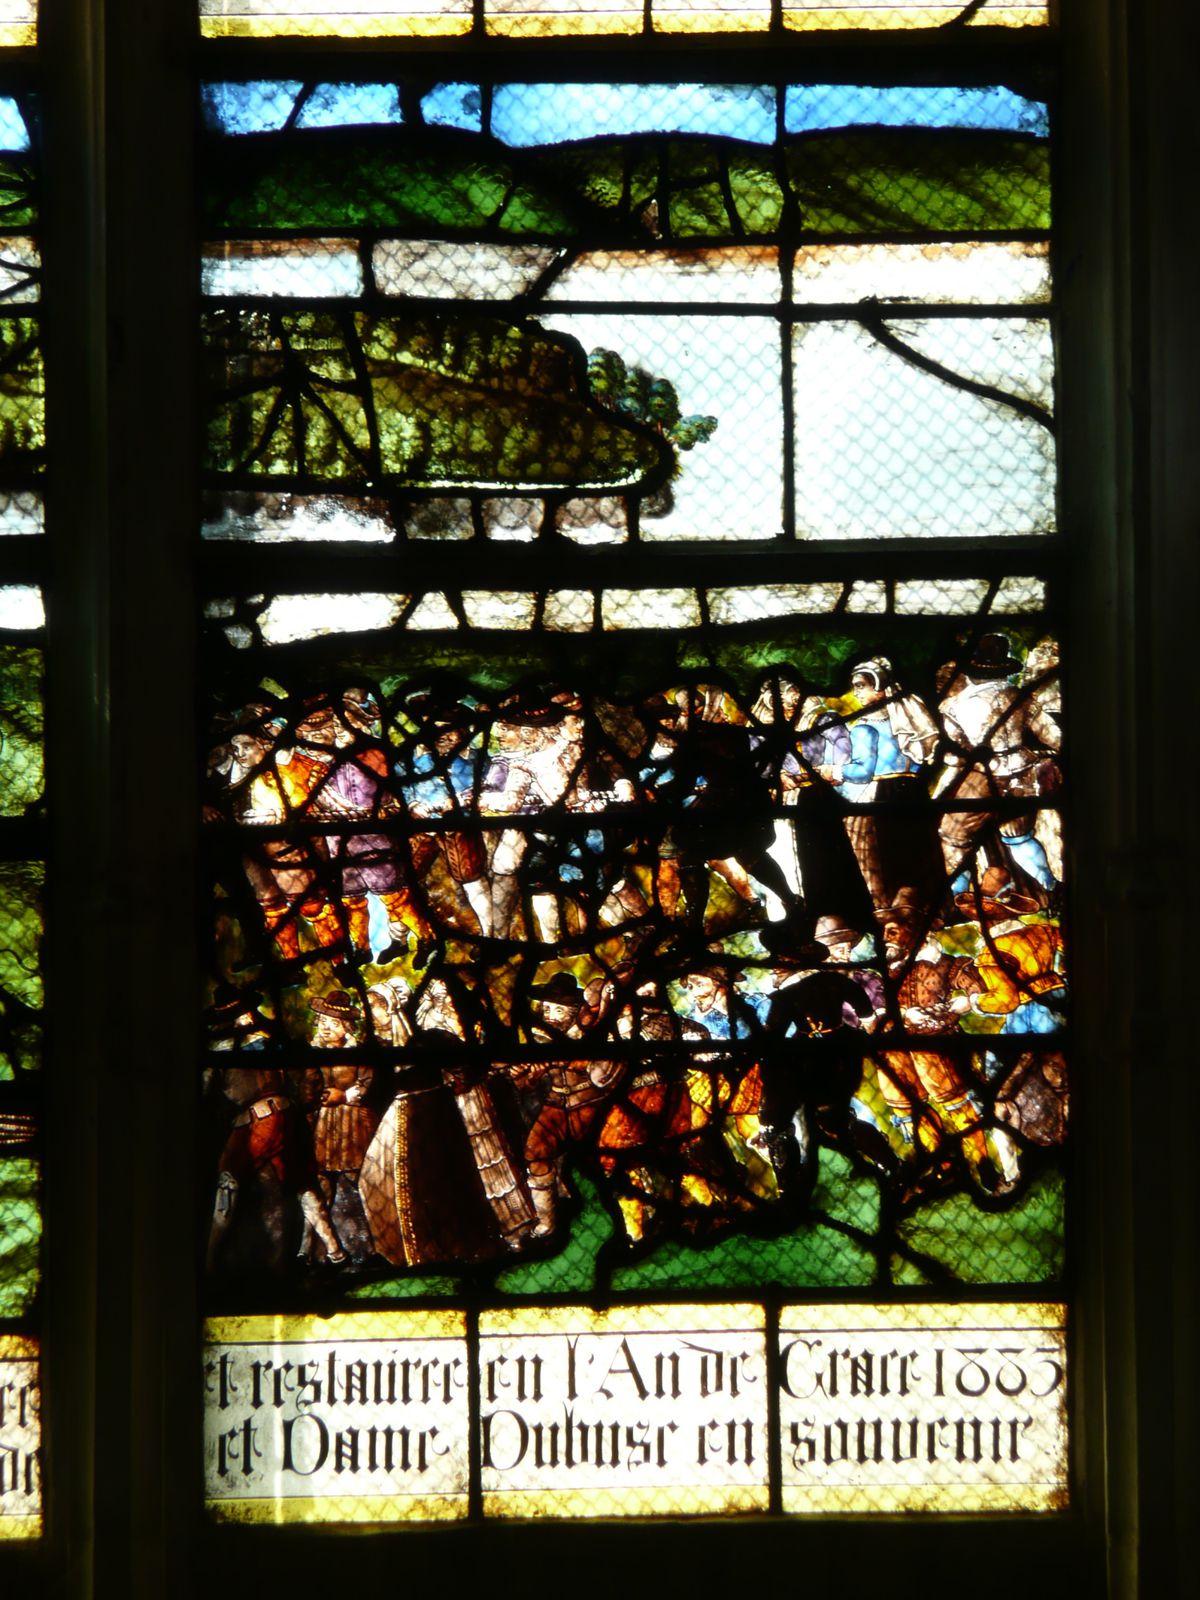 Monteurs et chevaux en action. Détail du vitrail (photo A. Launay, 2010)